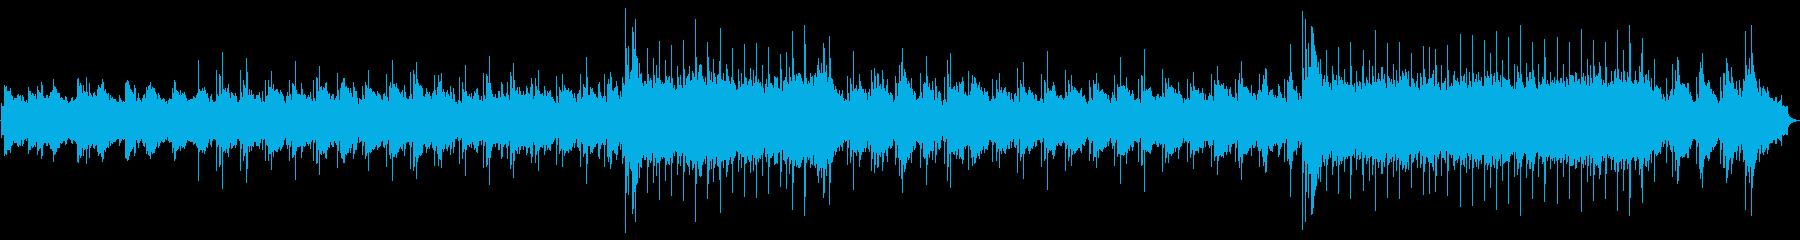 ロマンティック、スロー、ソフト。ま...の再生済みの波形